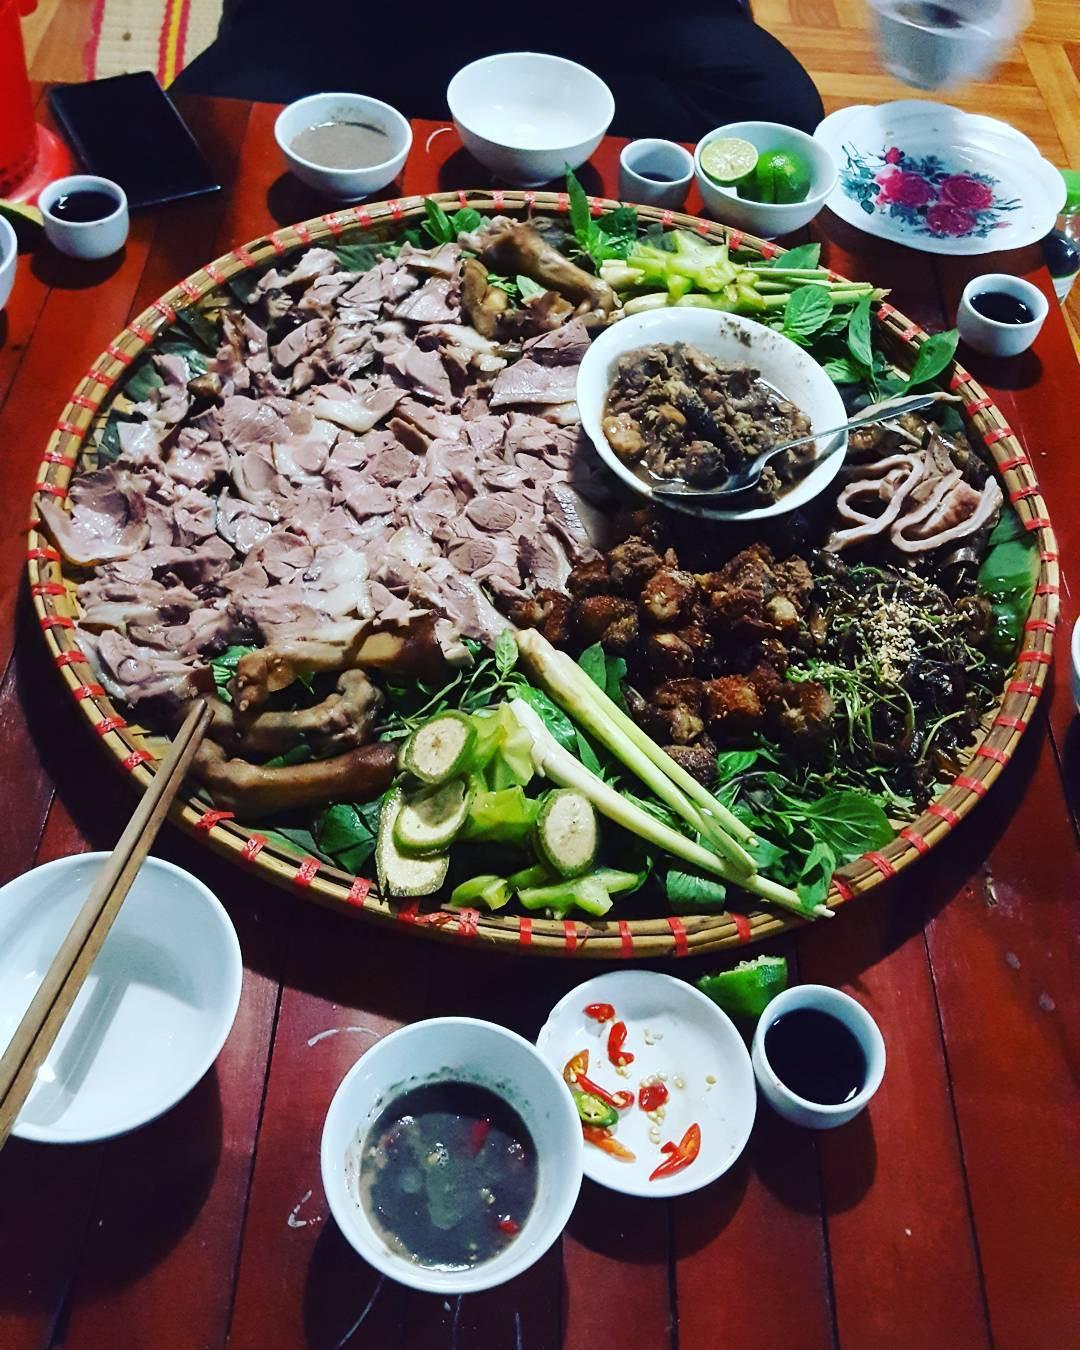 6 đặc sản Việt khiến khách Tây xanh mặt trên đường khám phá ẩm thực - Ảnh 3.